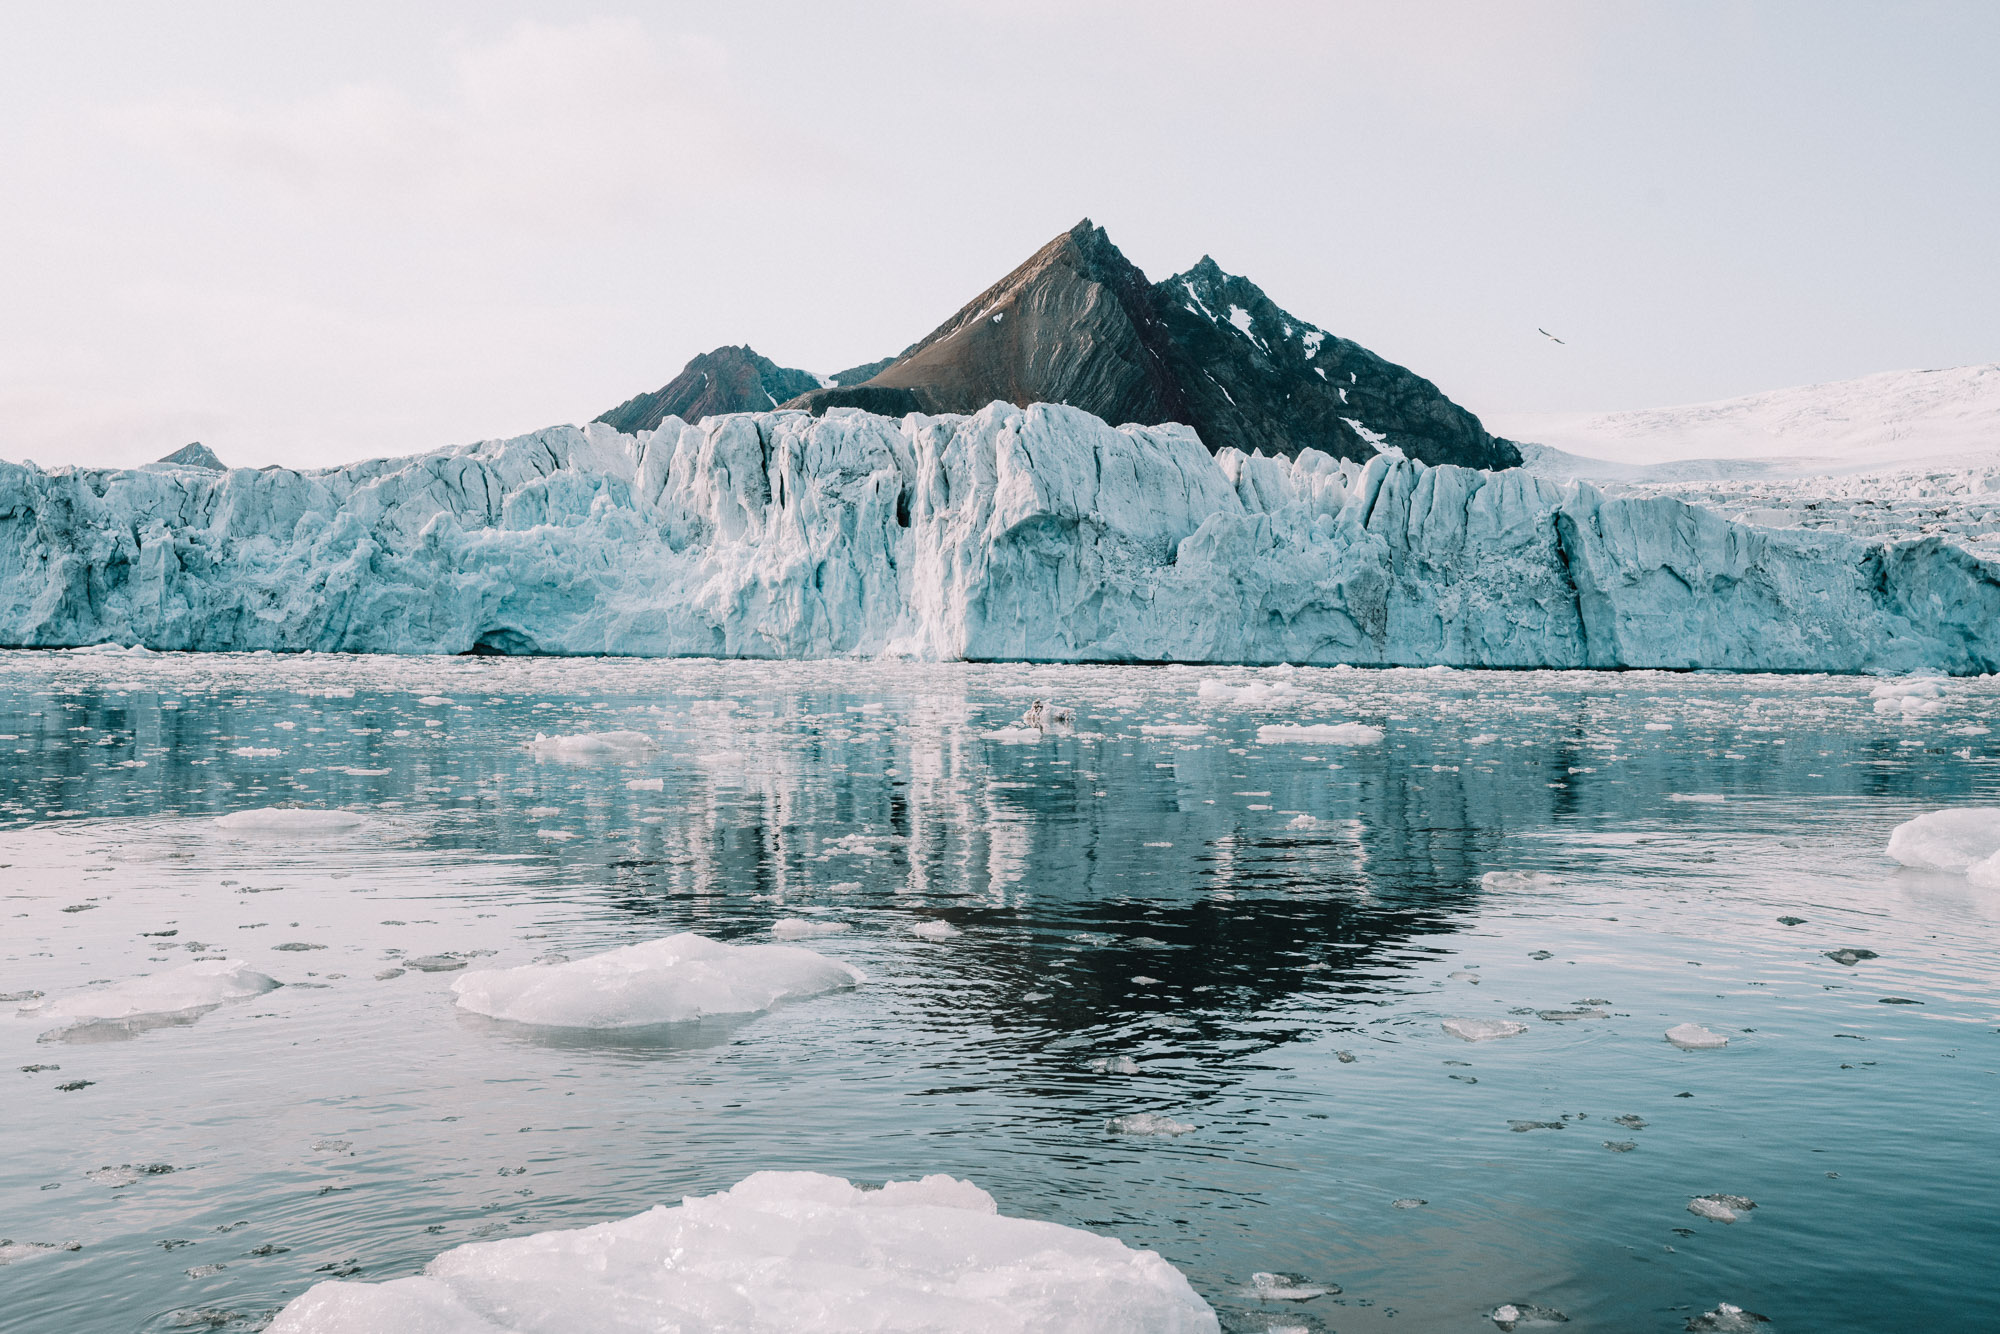 Brepollen glacier bay in Svalbard, Spitsbergen, Norway